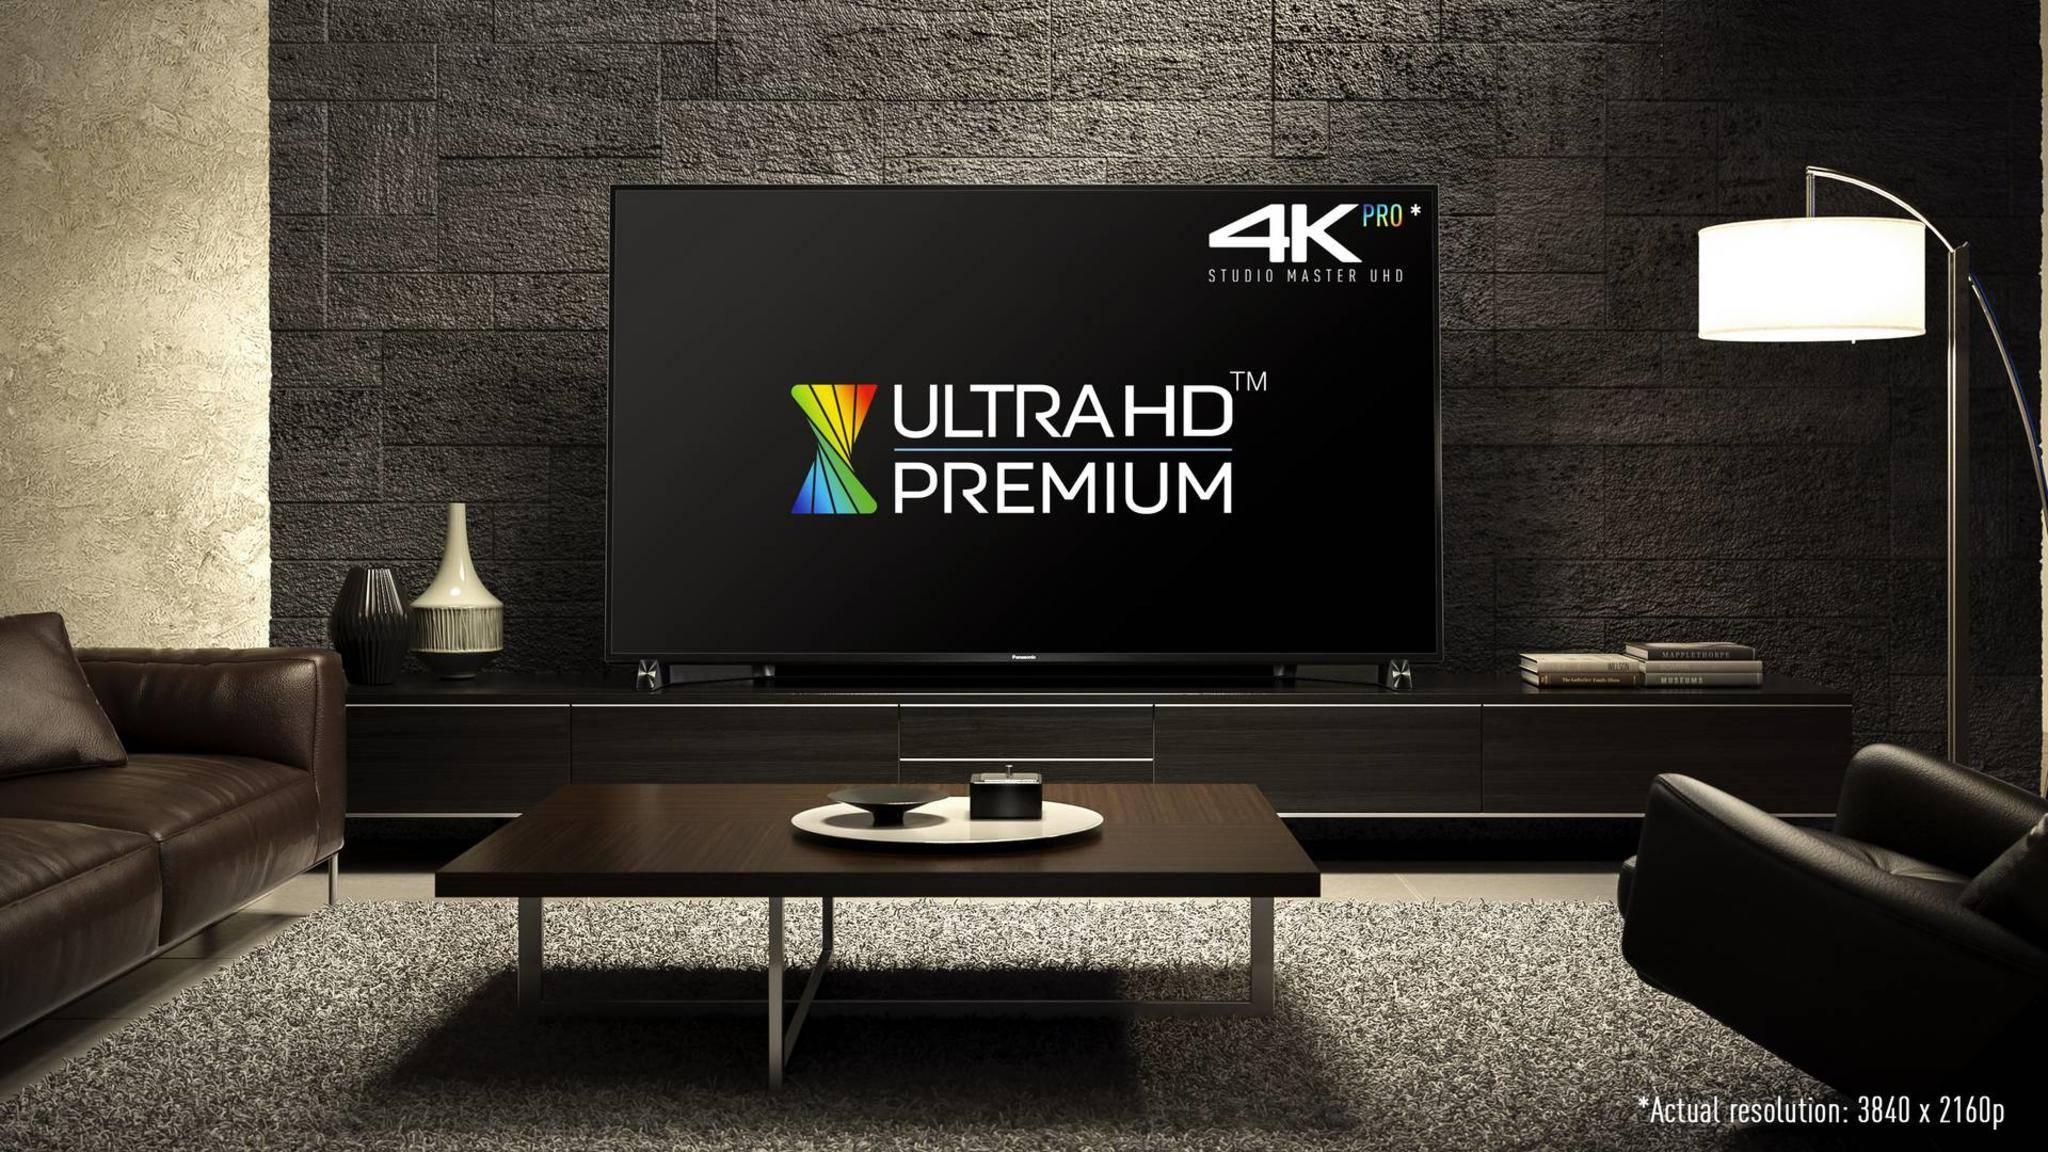 Du solltest beim HDR-Fernseherkauf unter anderem nach dem Ultra HD Premium-Zertifikat Ausschau halten.